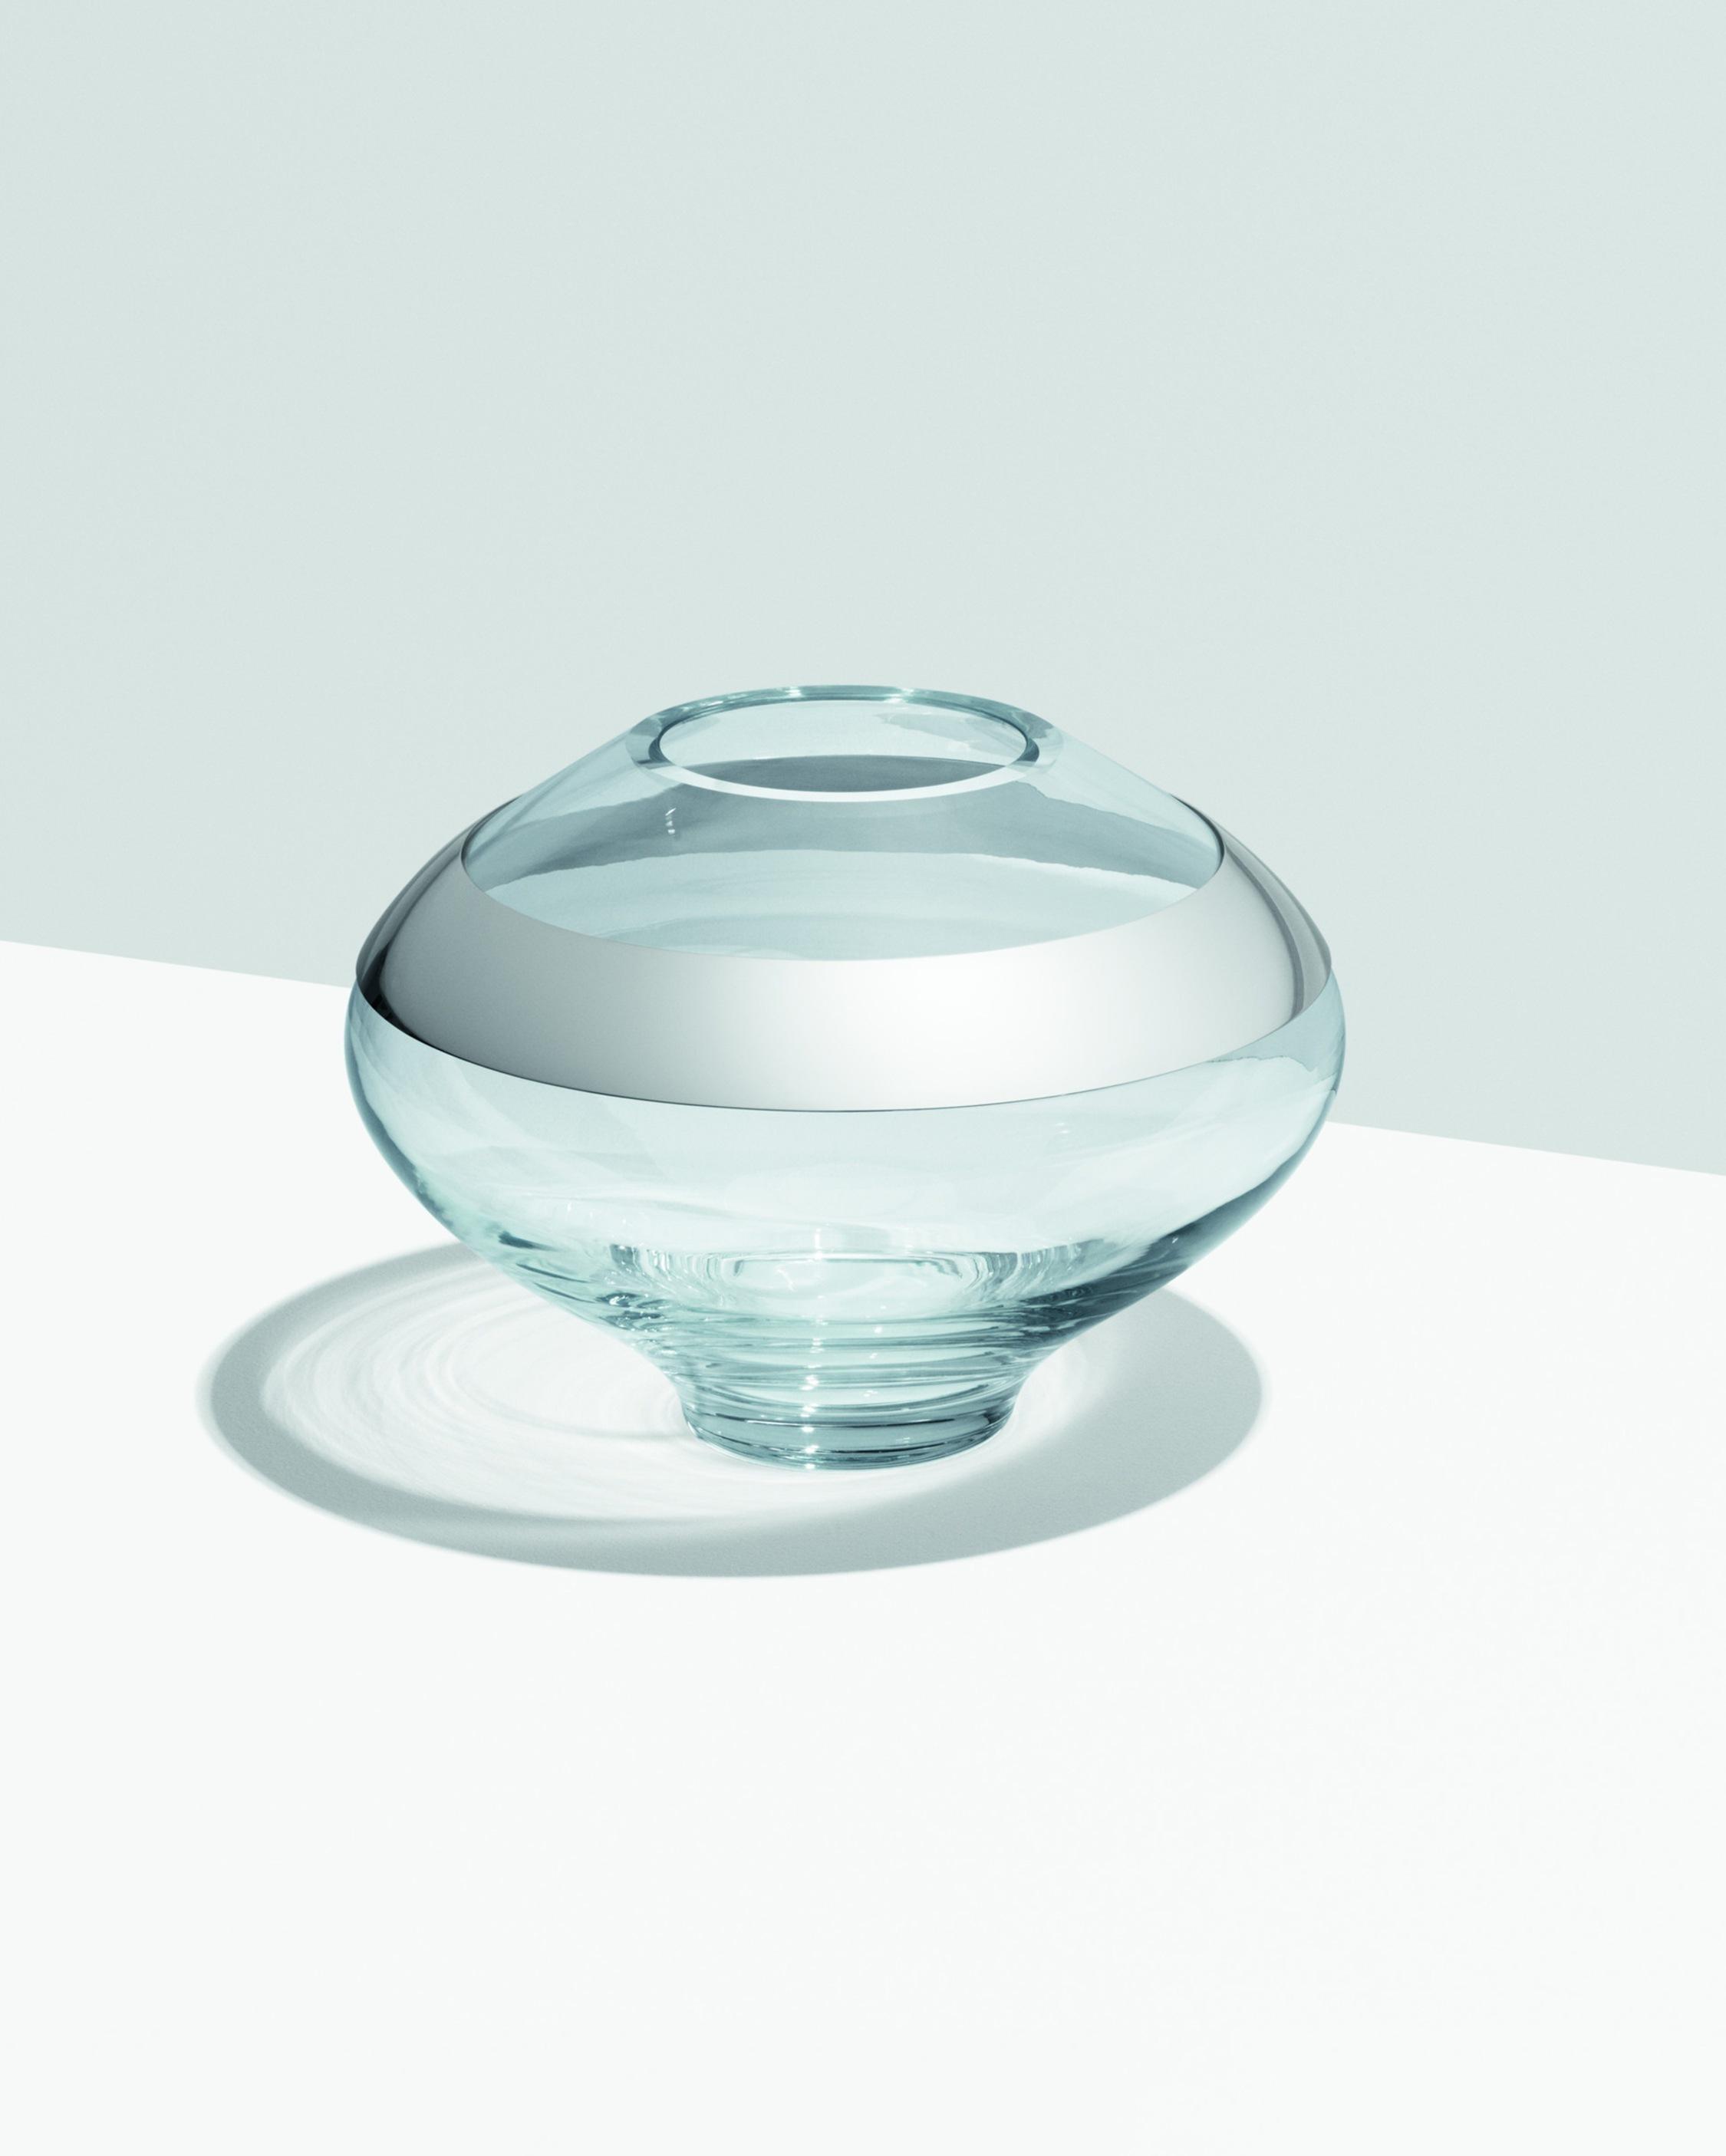 Georg Jensen Duo Round Vase - 7in 2